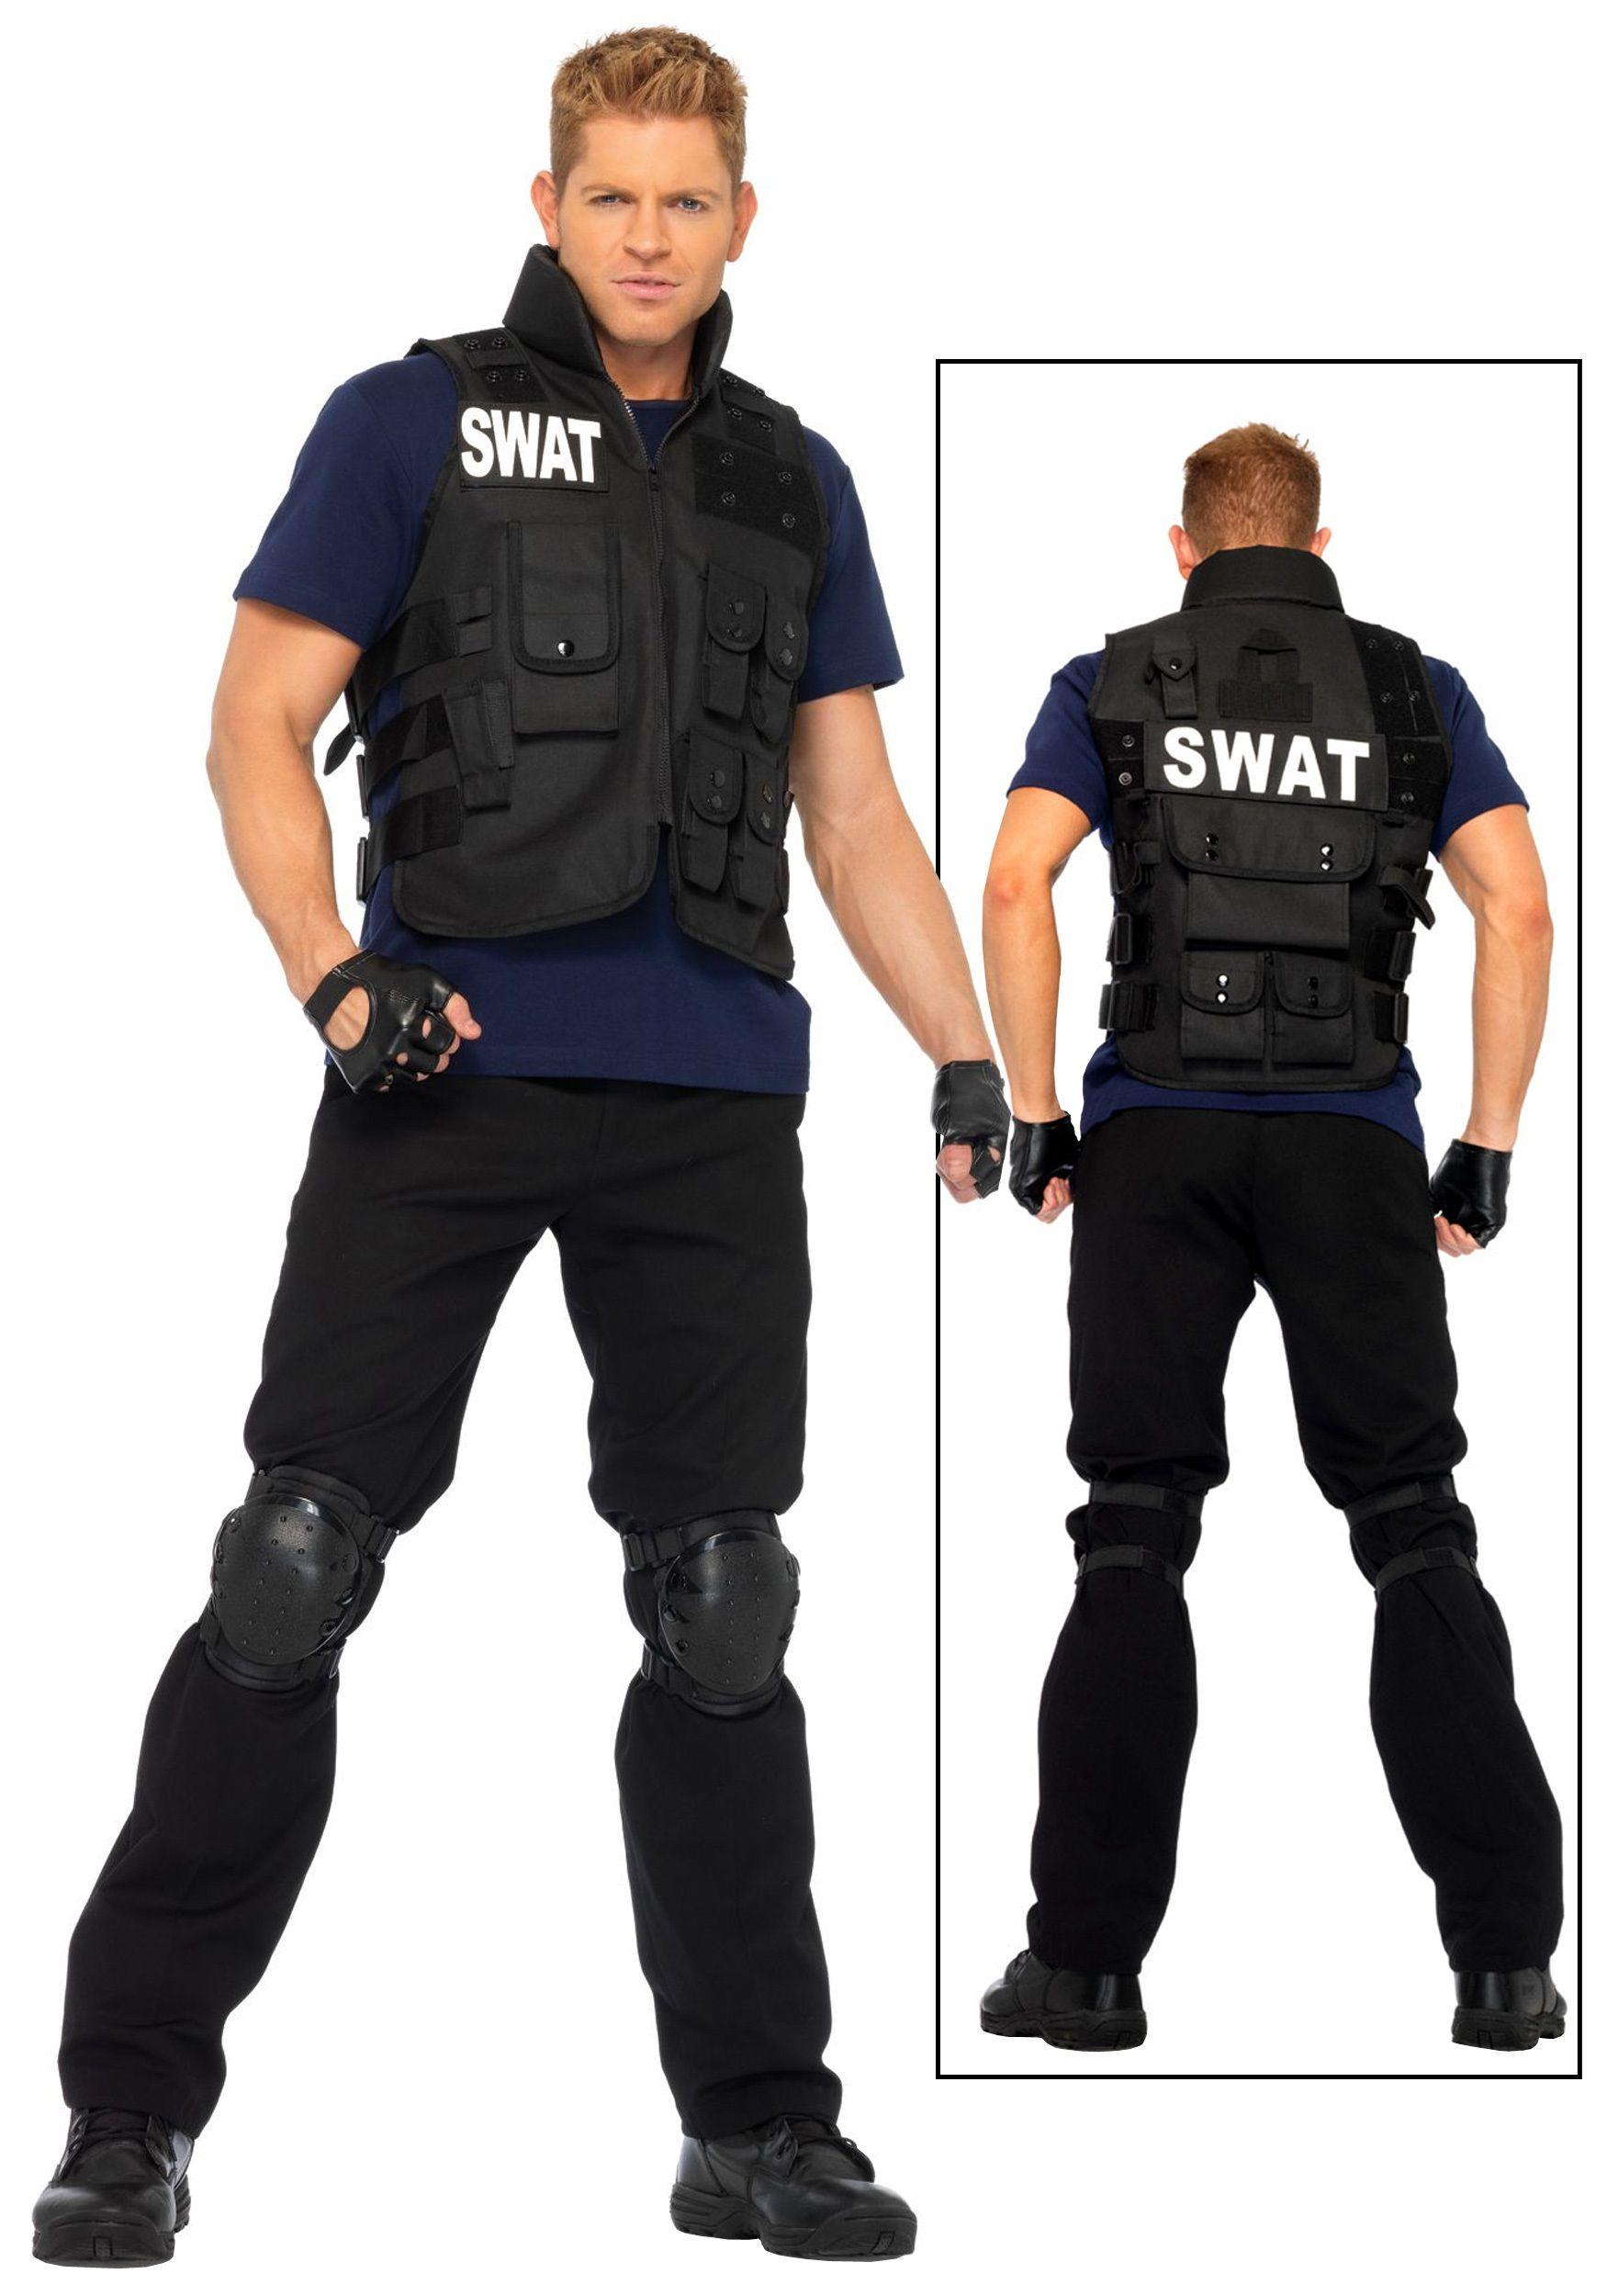 Plus Mens SWAT Team Costume Костюм для мужчин